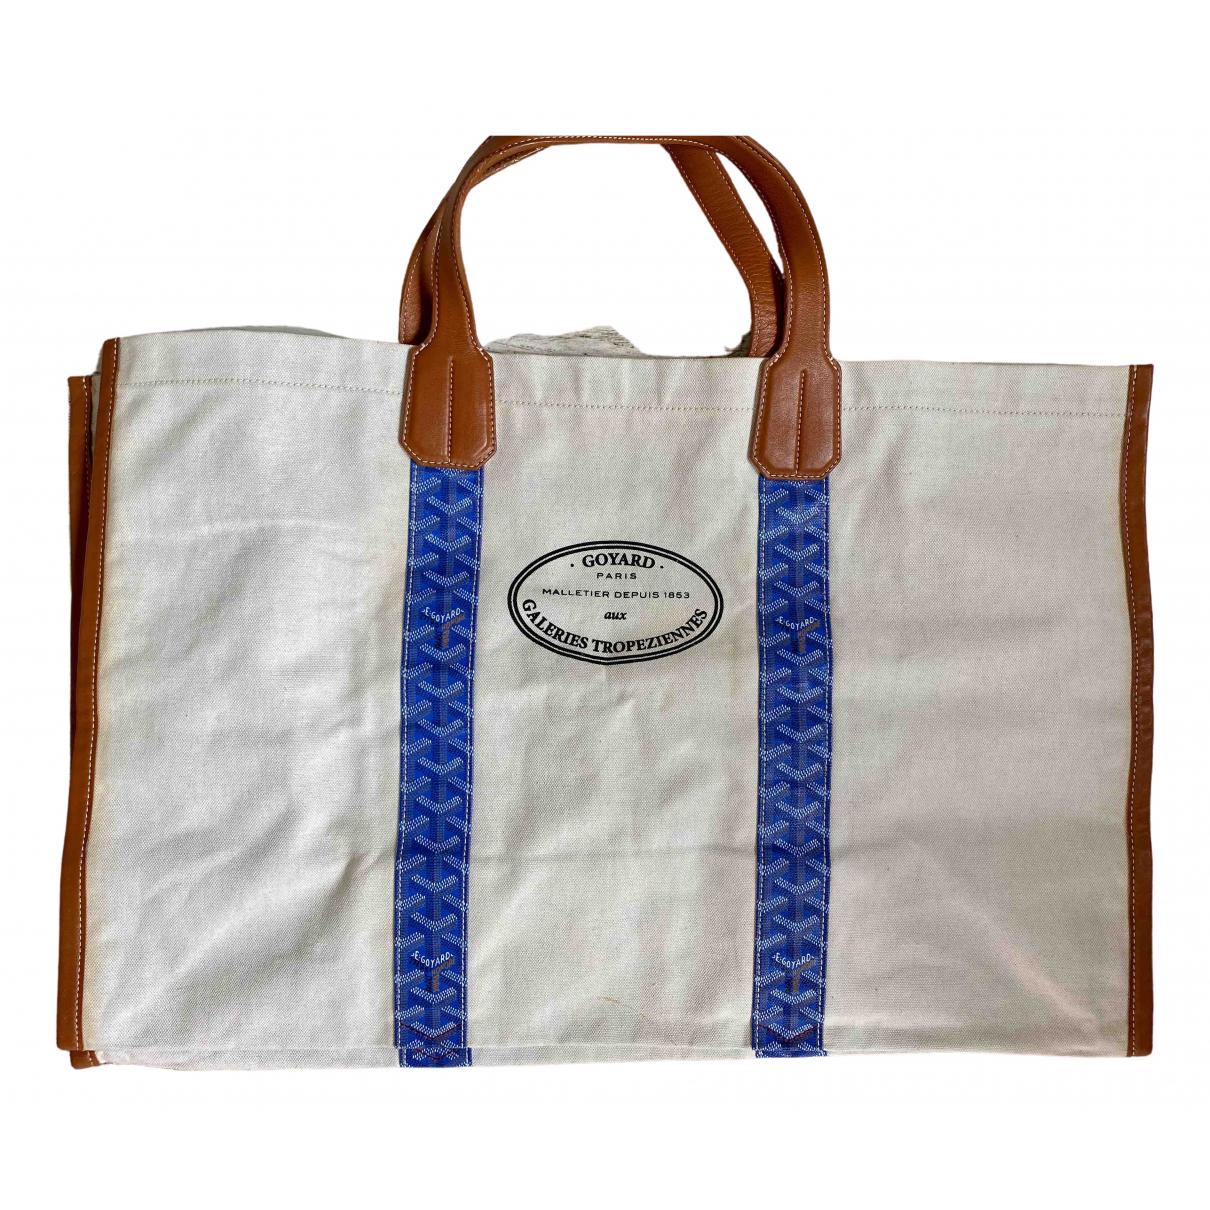 Goyard \N Blue Cloth handbag for Women \N